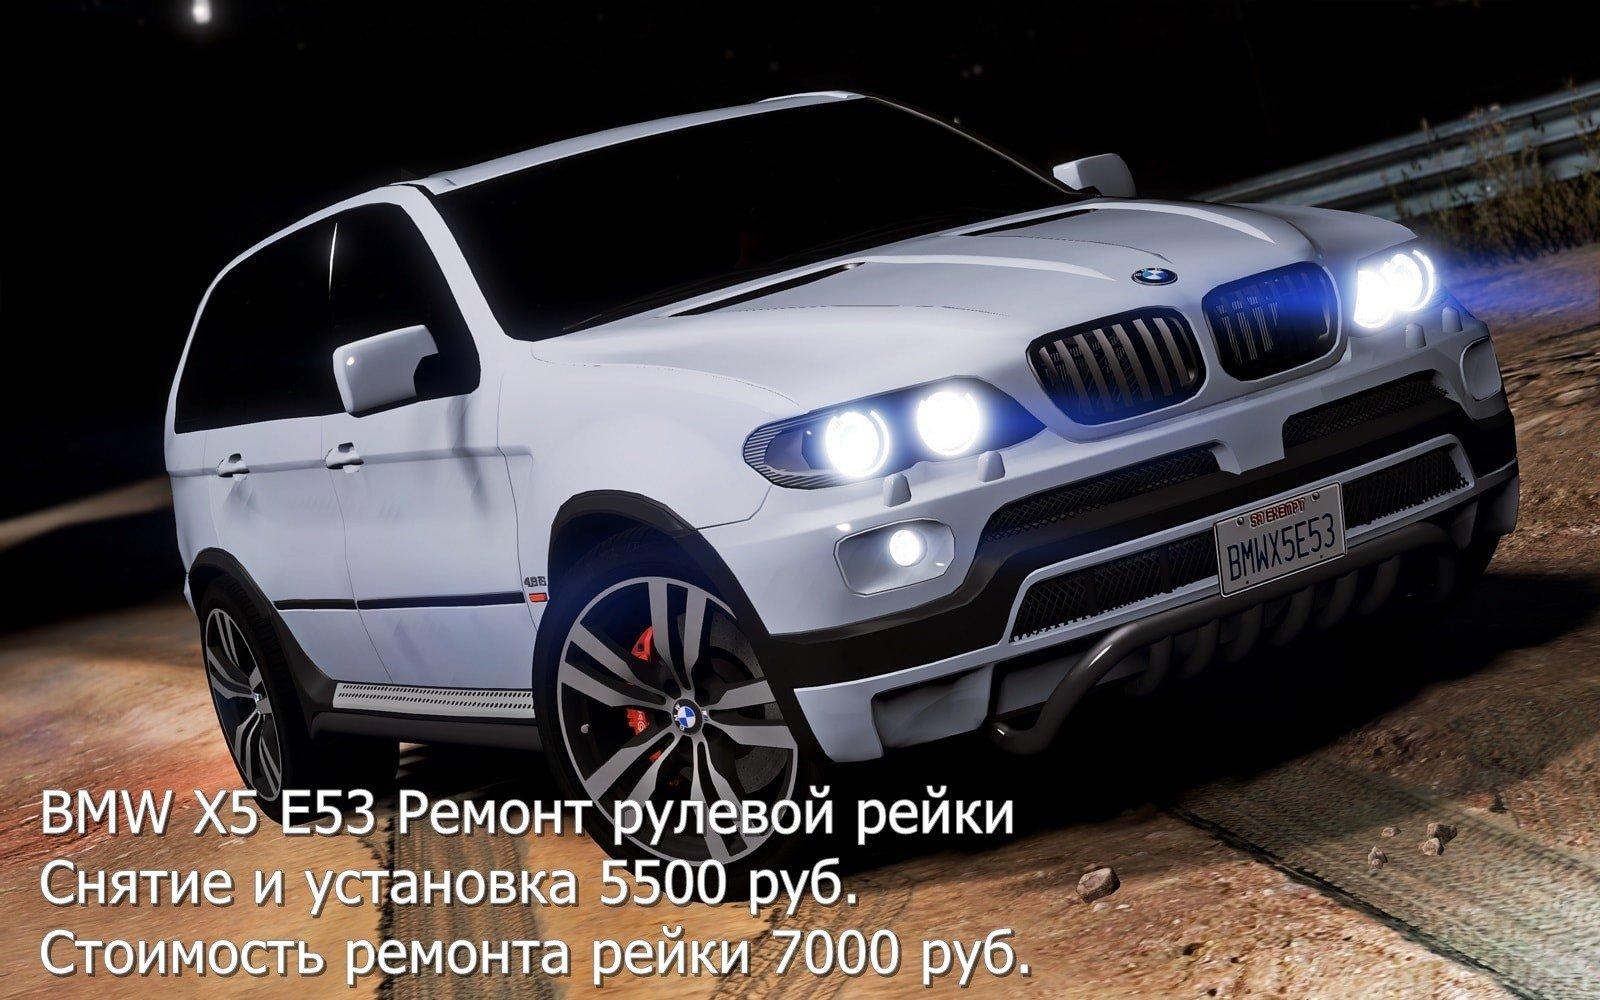 Ремонт рулевых реек BMW X5 E53